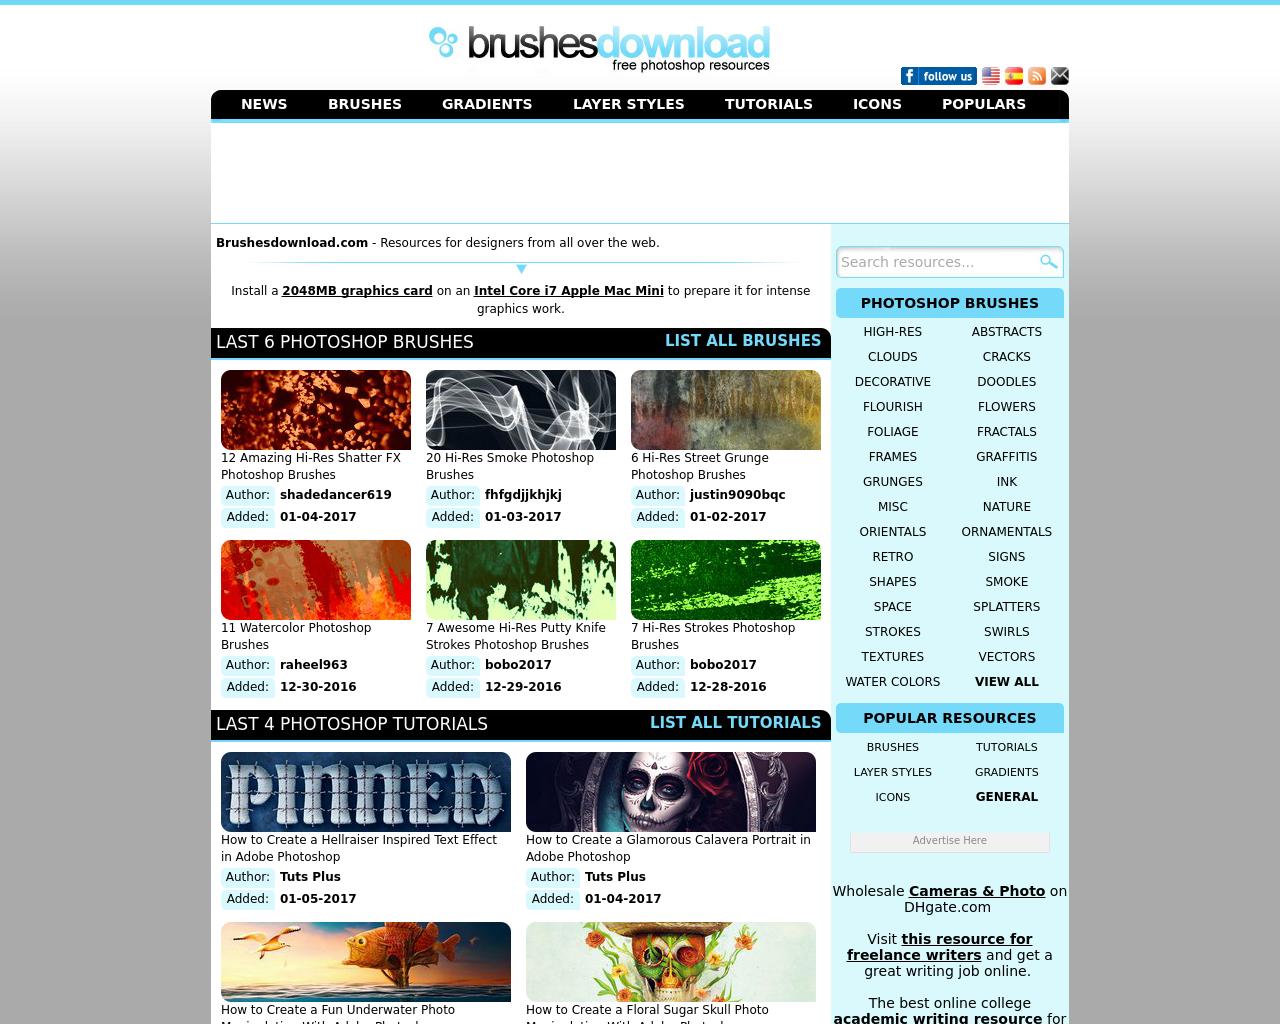 Brushesdownload-Advertising-Reviews-Pricing